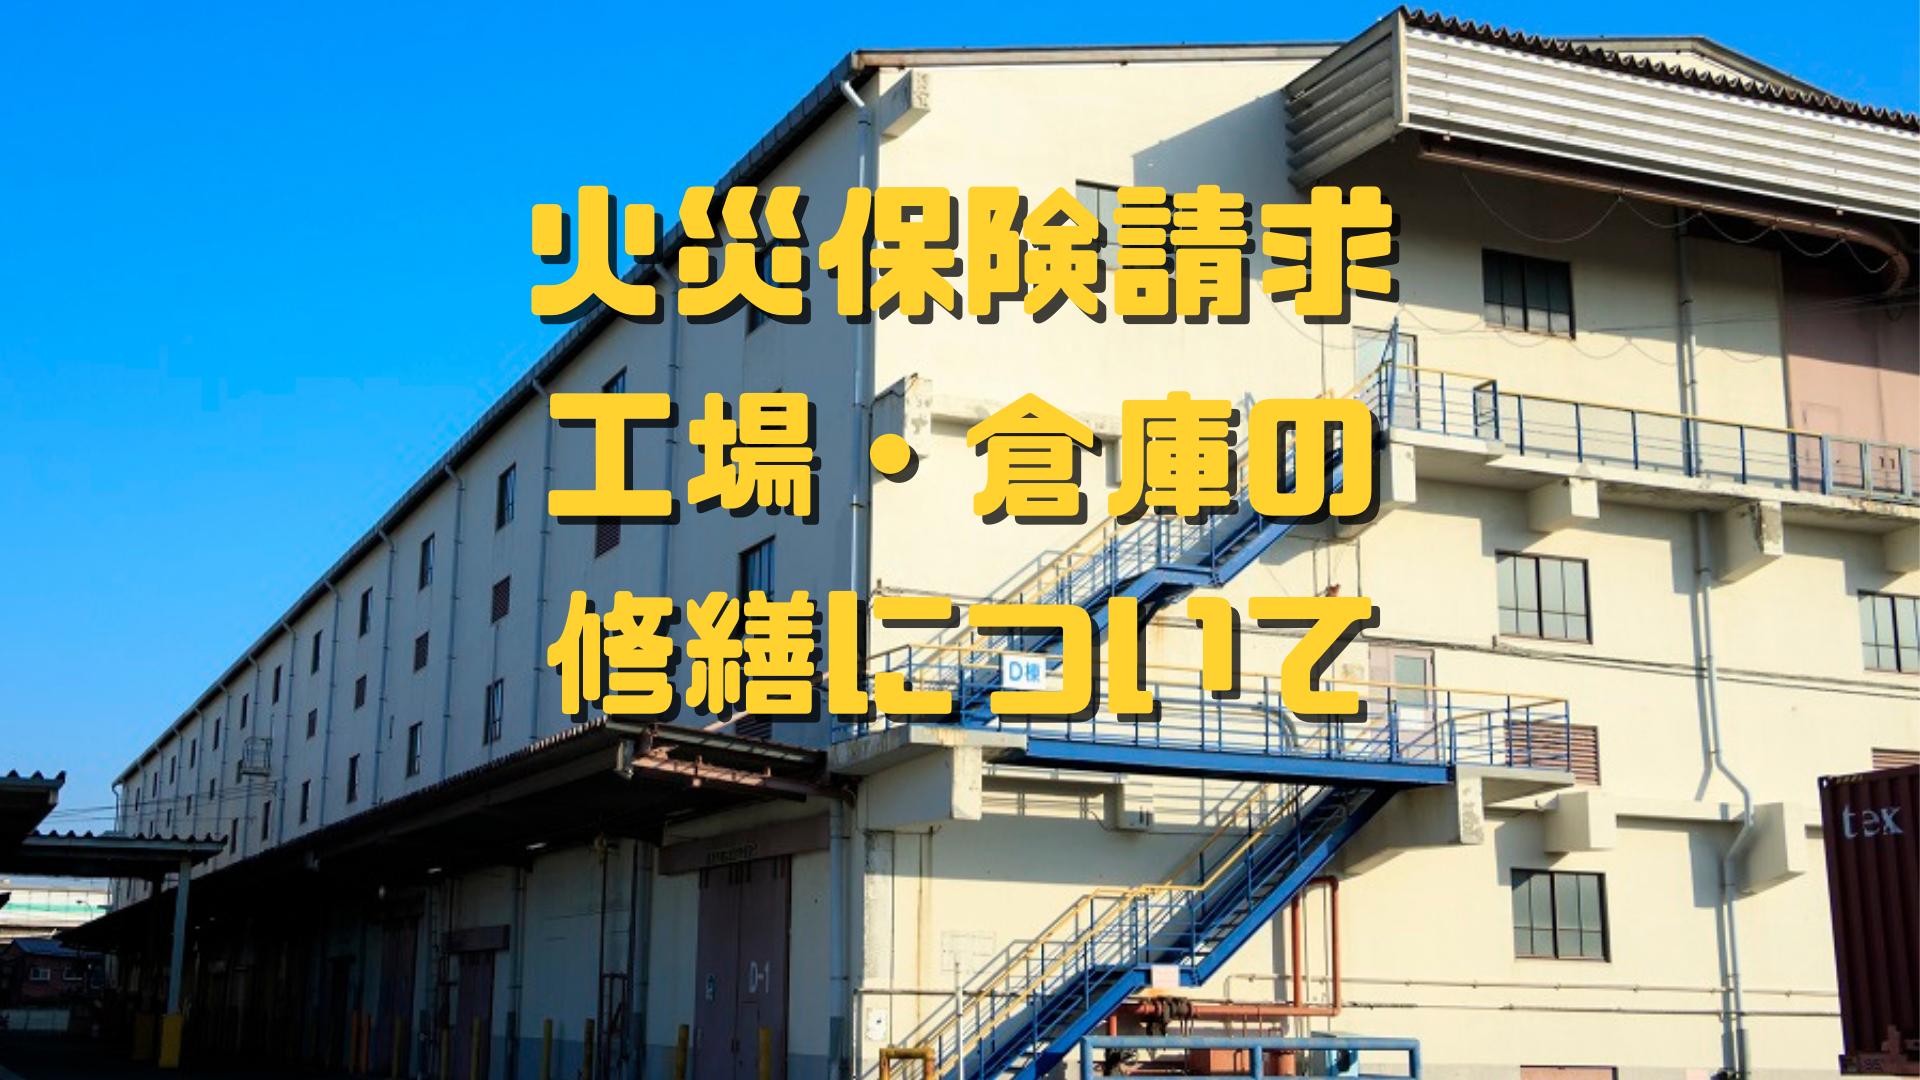 火災保険請求 工場 倉庫